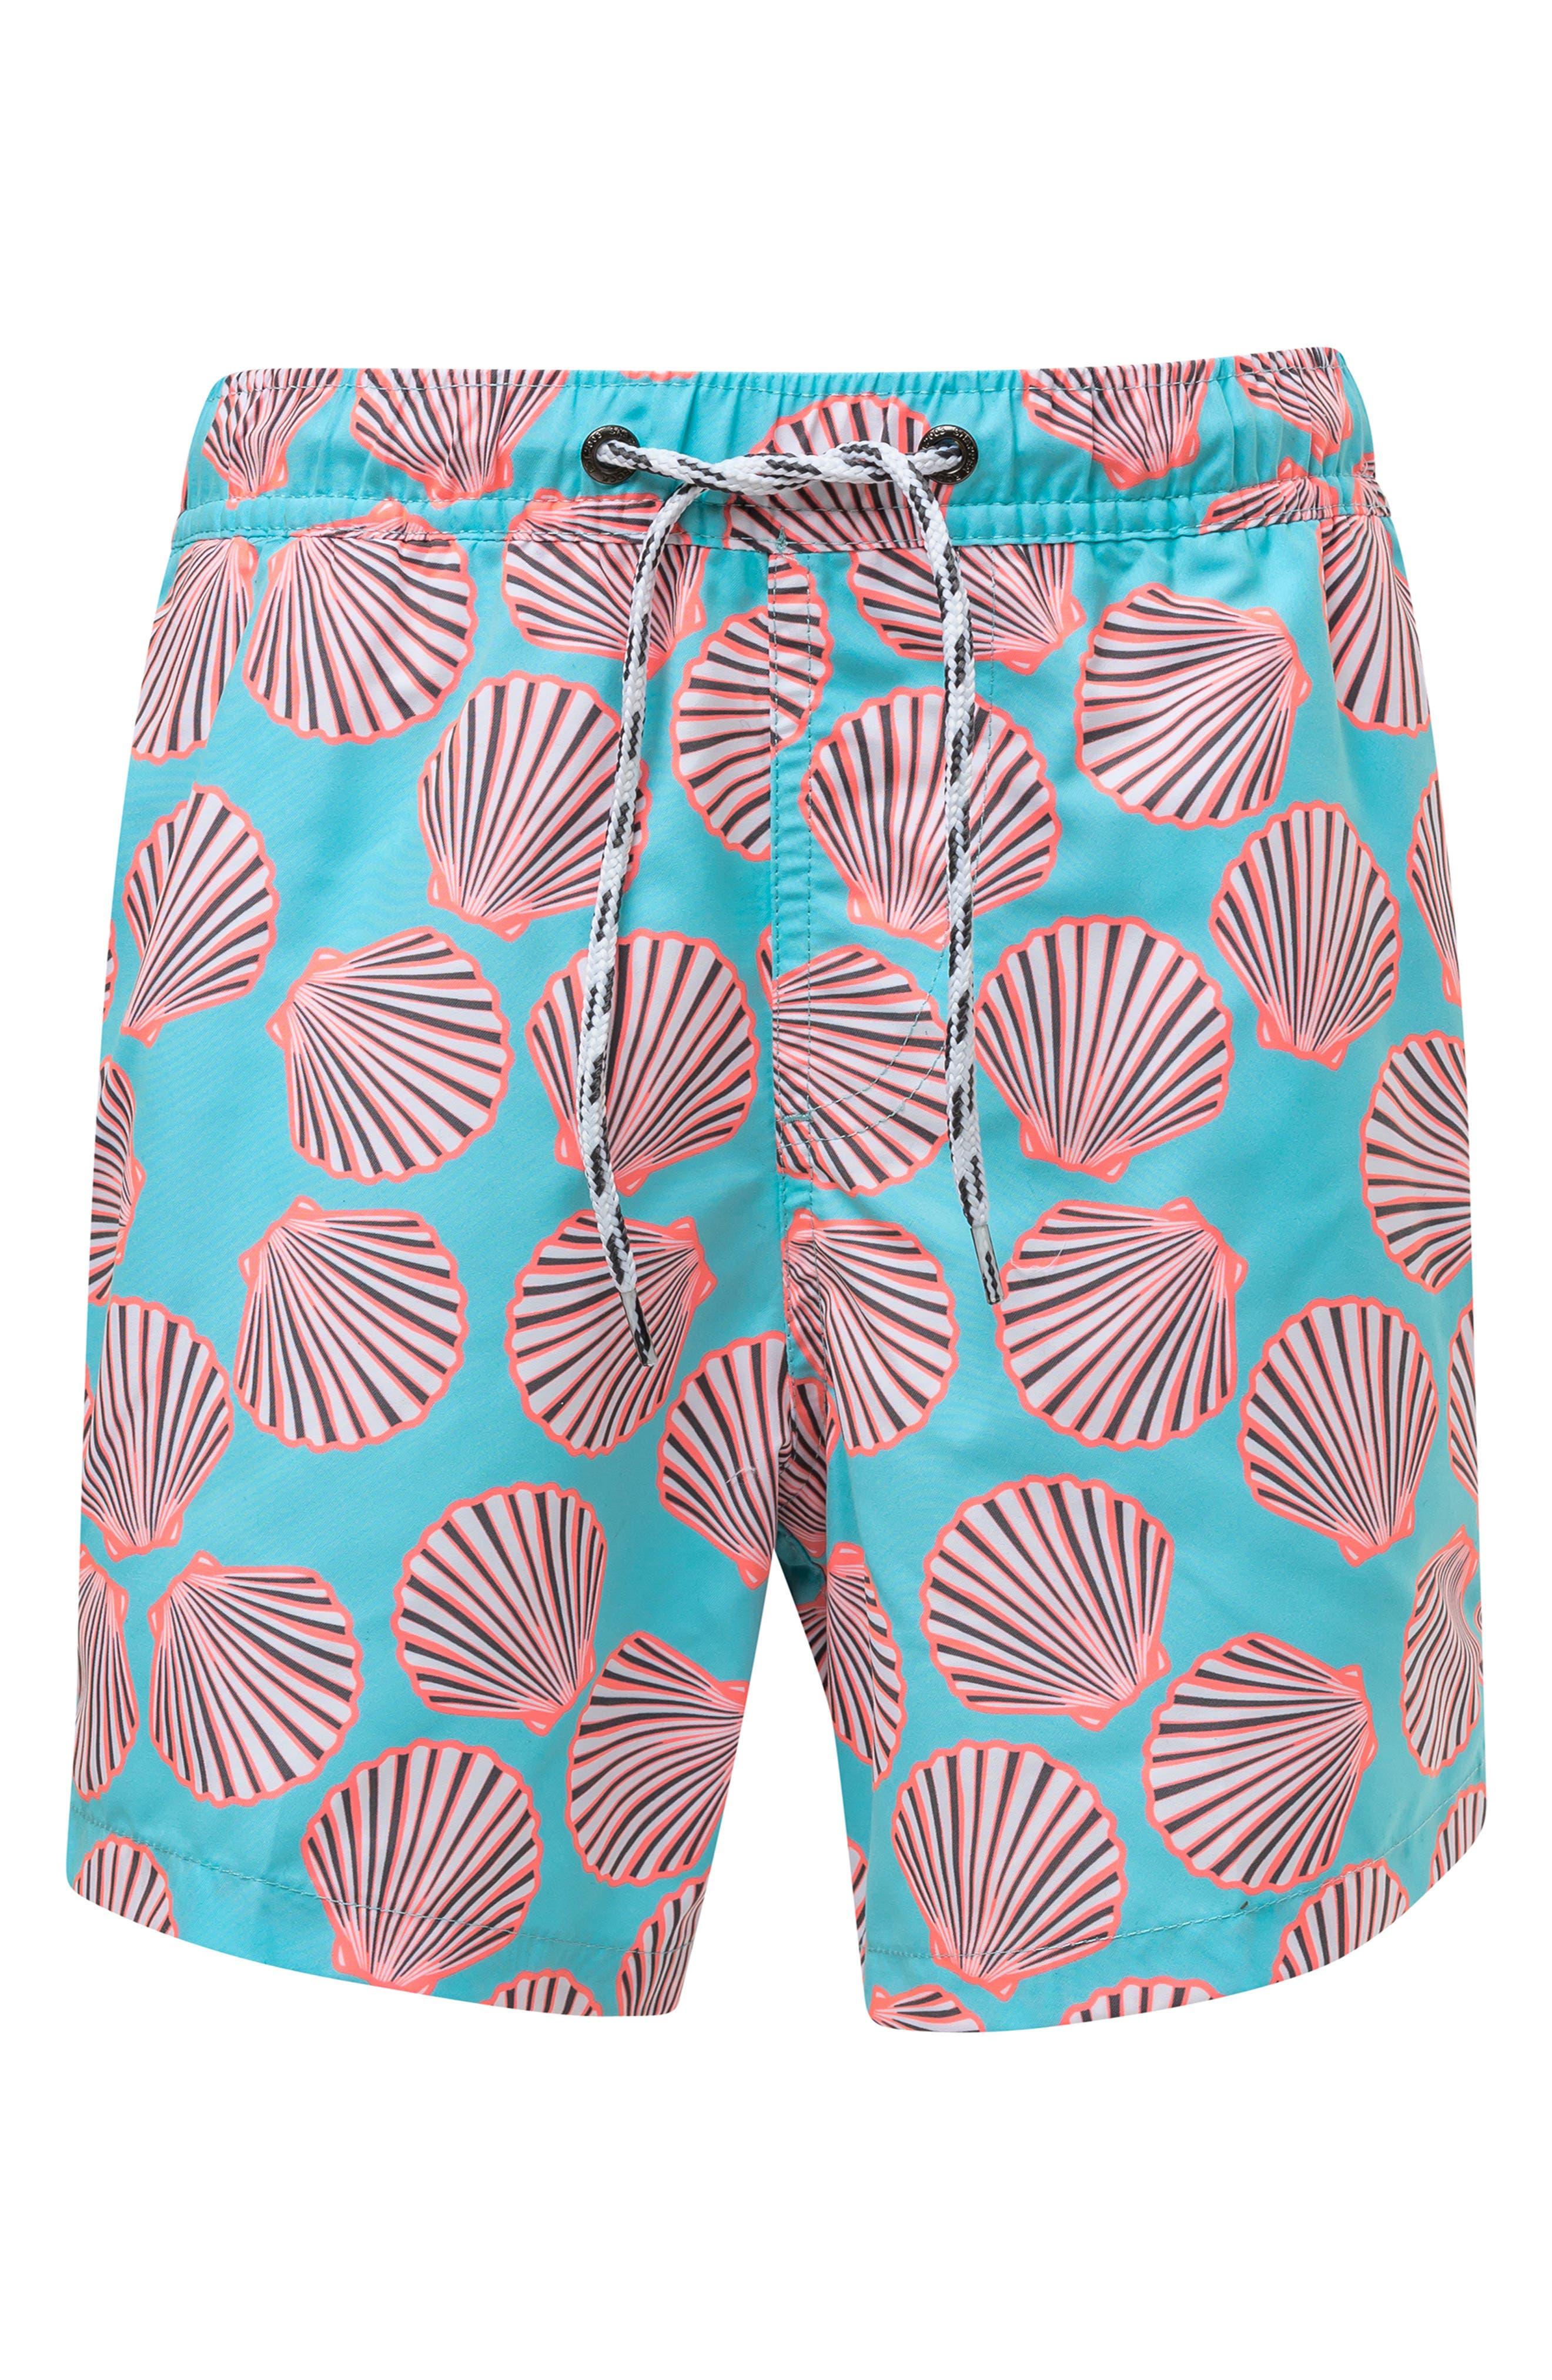 Shell Print Board Shorts,                             Main thumbnail 1, color,                             MEDIUM BLUE